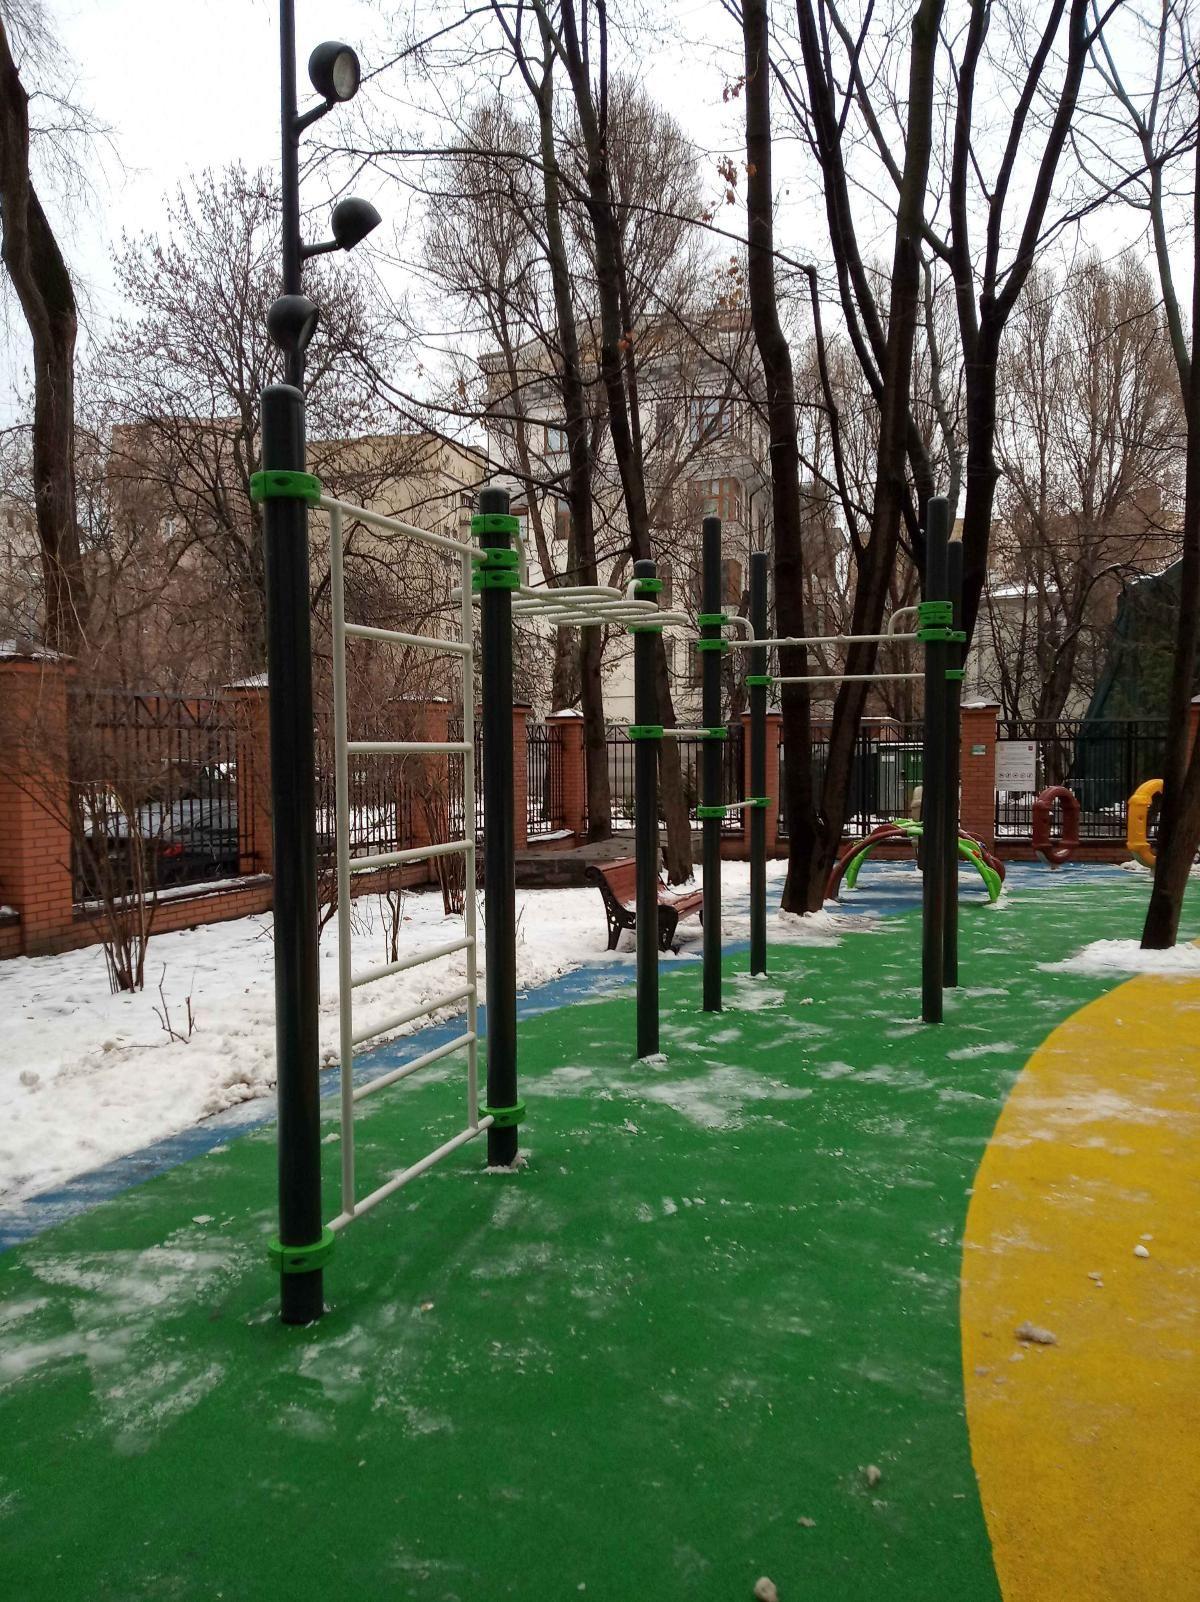 Moscow - Outdoor Gym - Калошин Переулок